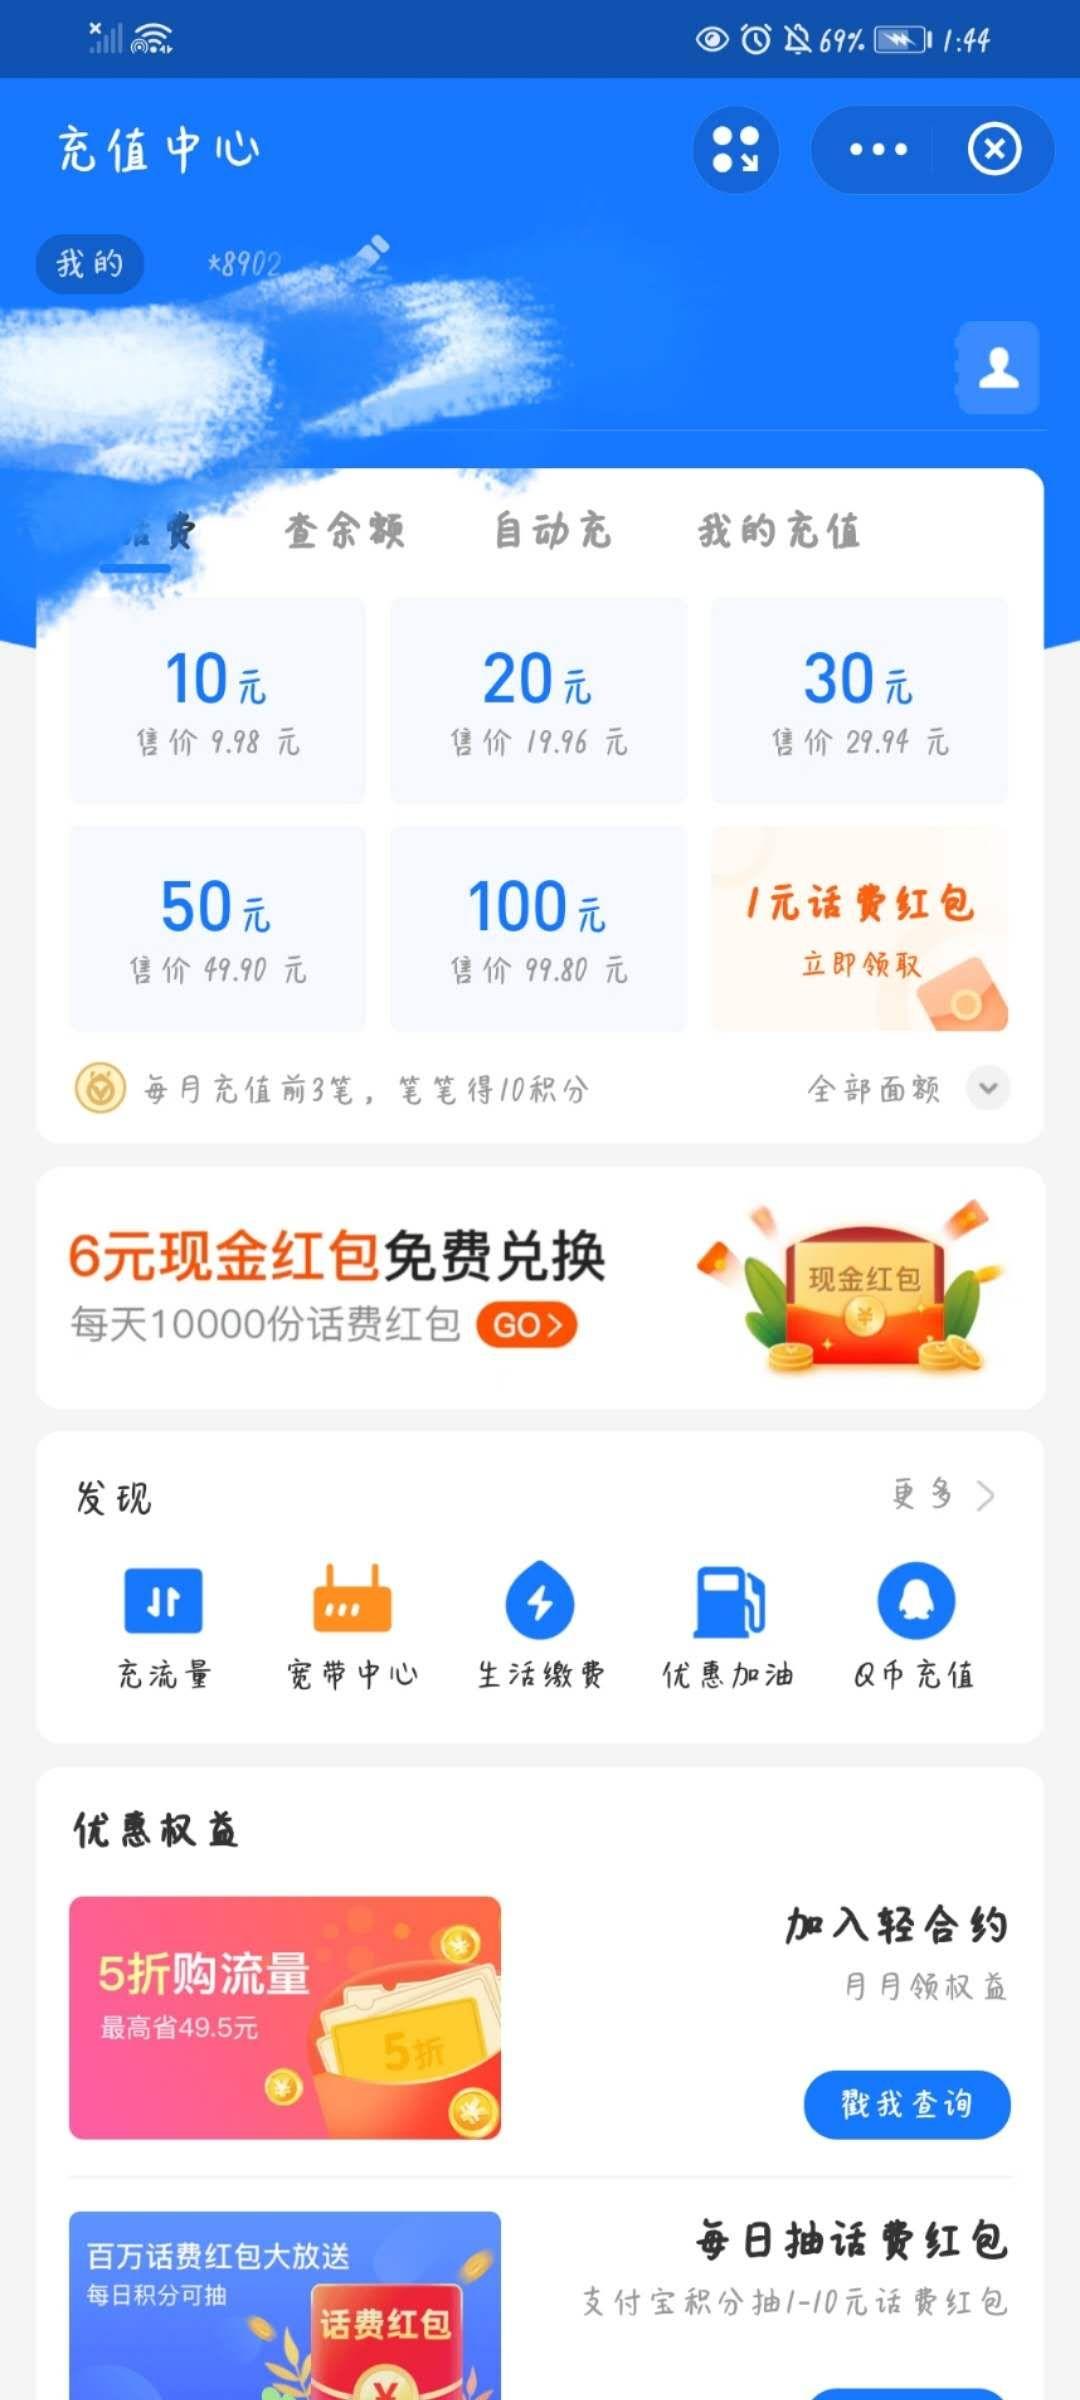 图片[4]-支付宝白嫖10话费-老友薅羊毛活动线报网